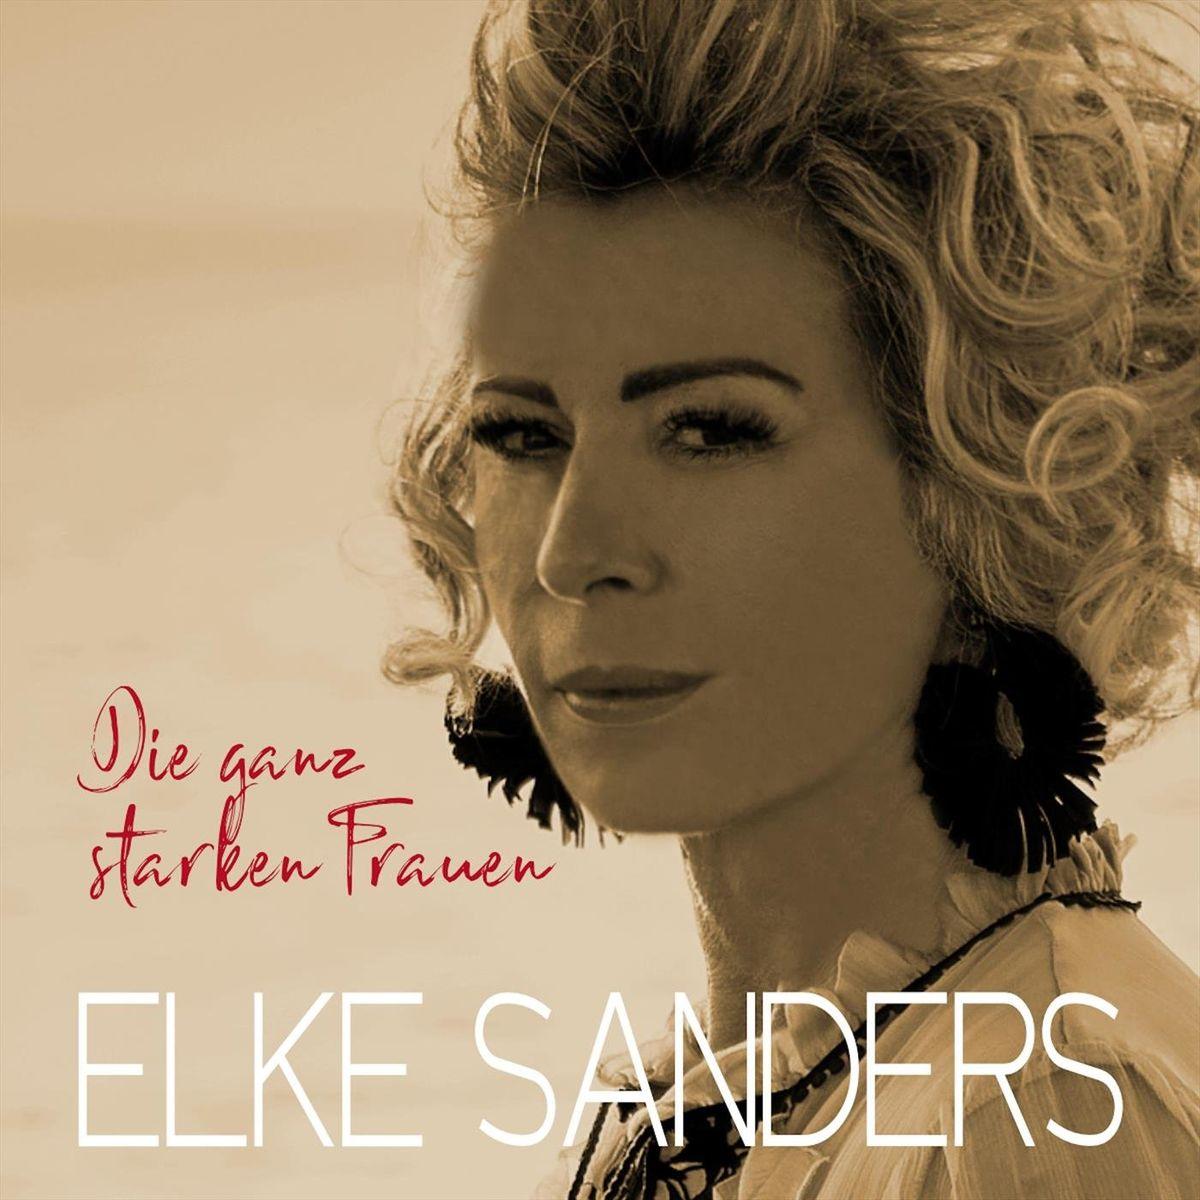 Elke Sanders